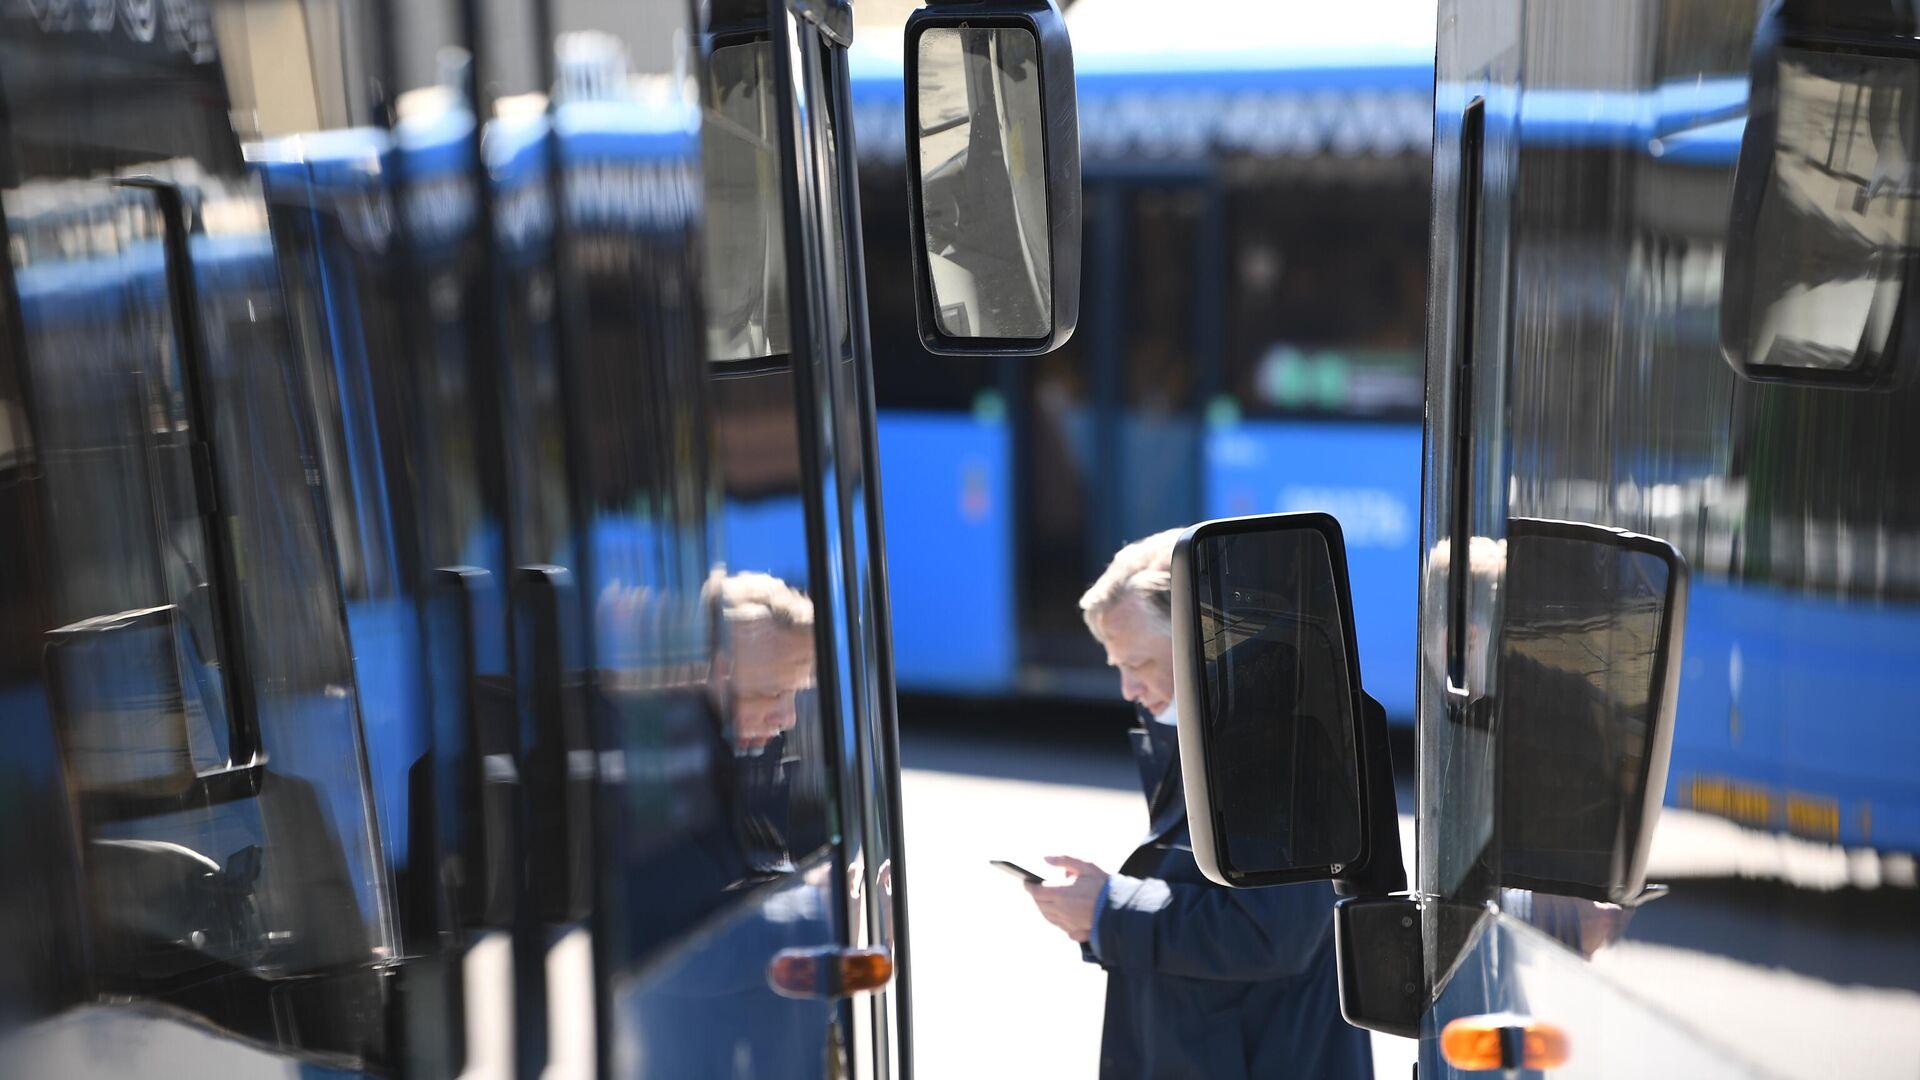 Автобусы, работающие на городских маршрутах, в парке филиала Центральный ГУП Мосгортранс - РИА Новости, 1920, 14.05.2021